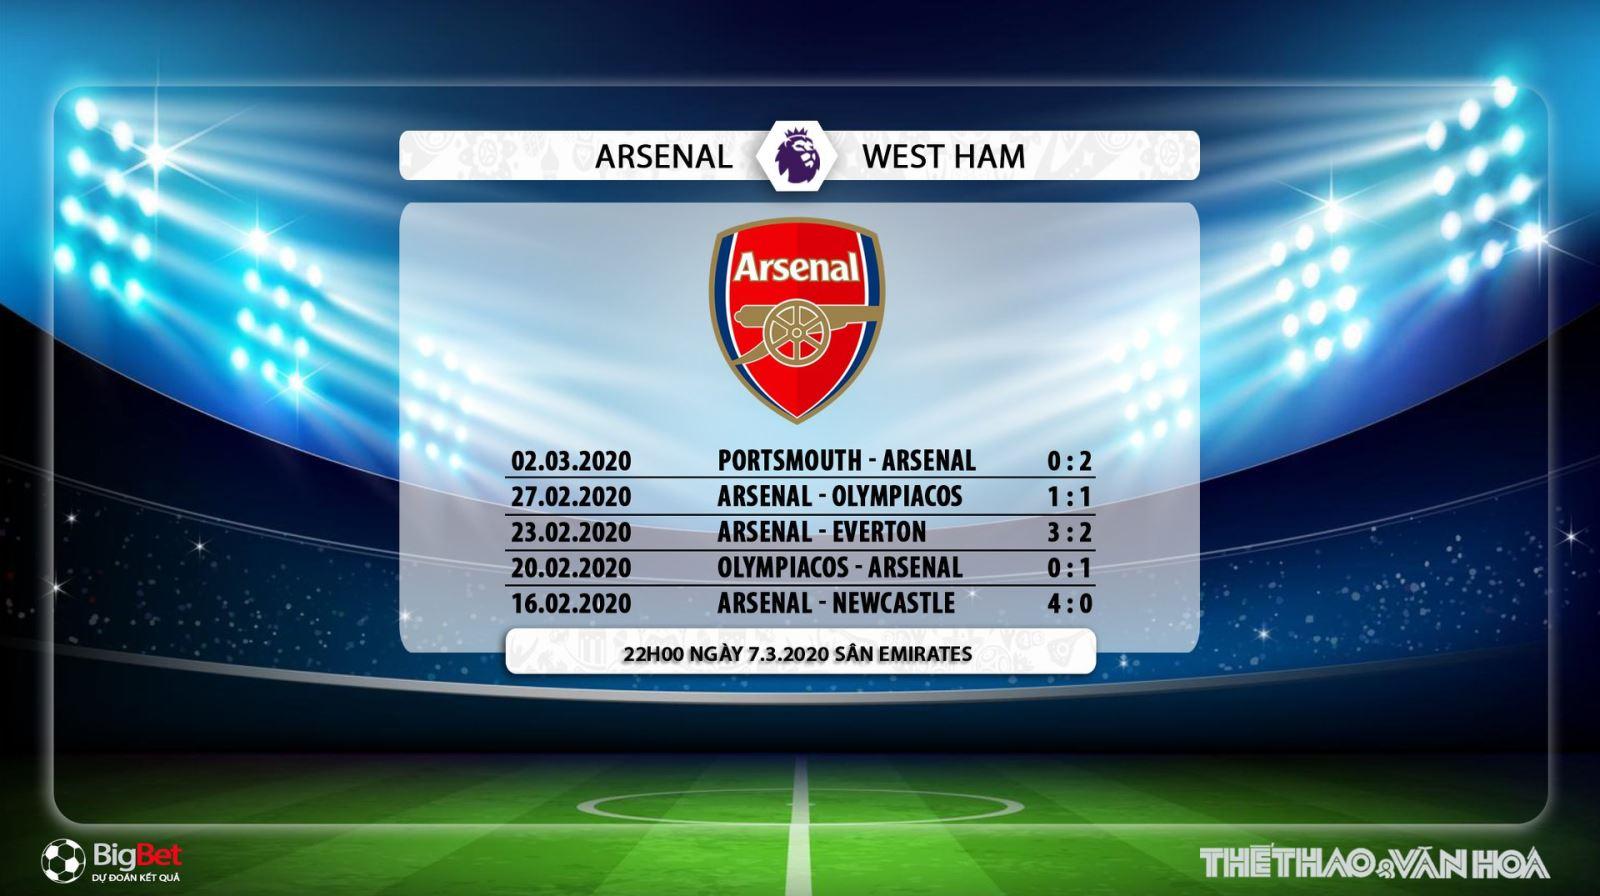 kèo nhà cái, keo nha cai, soi kèo Arsenal vs West Ham, K+, K+PM truc tiep bong da hom nay, kèo Arsenal, kèo bóng đá, lịch thi đấu Ngoại hạng Anh, bxh Ngoại hạng Anh